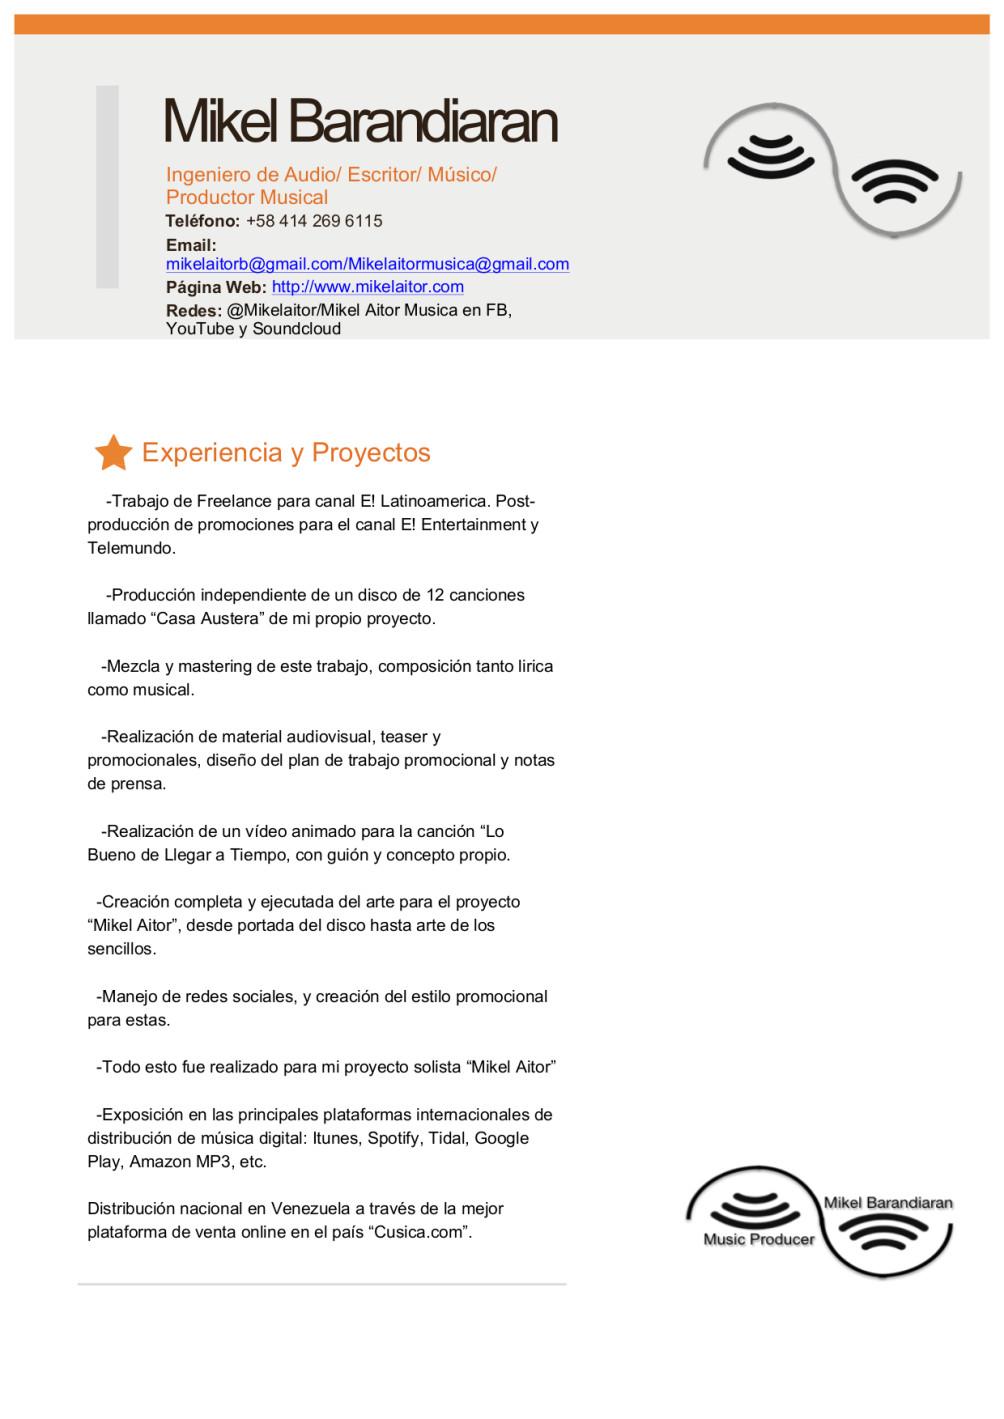 curriculum vitae aitor mp3